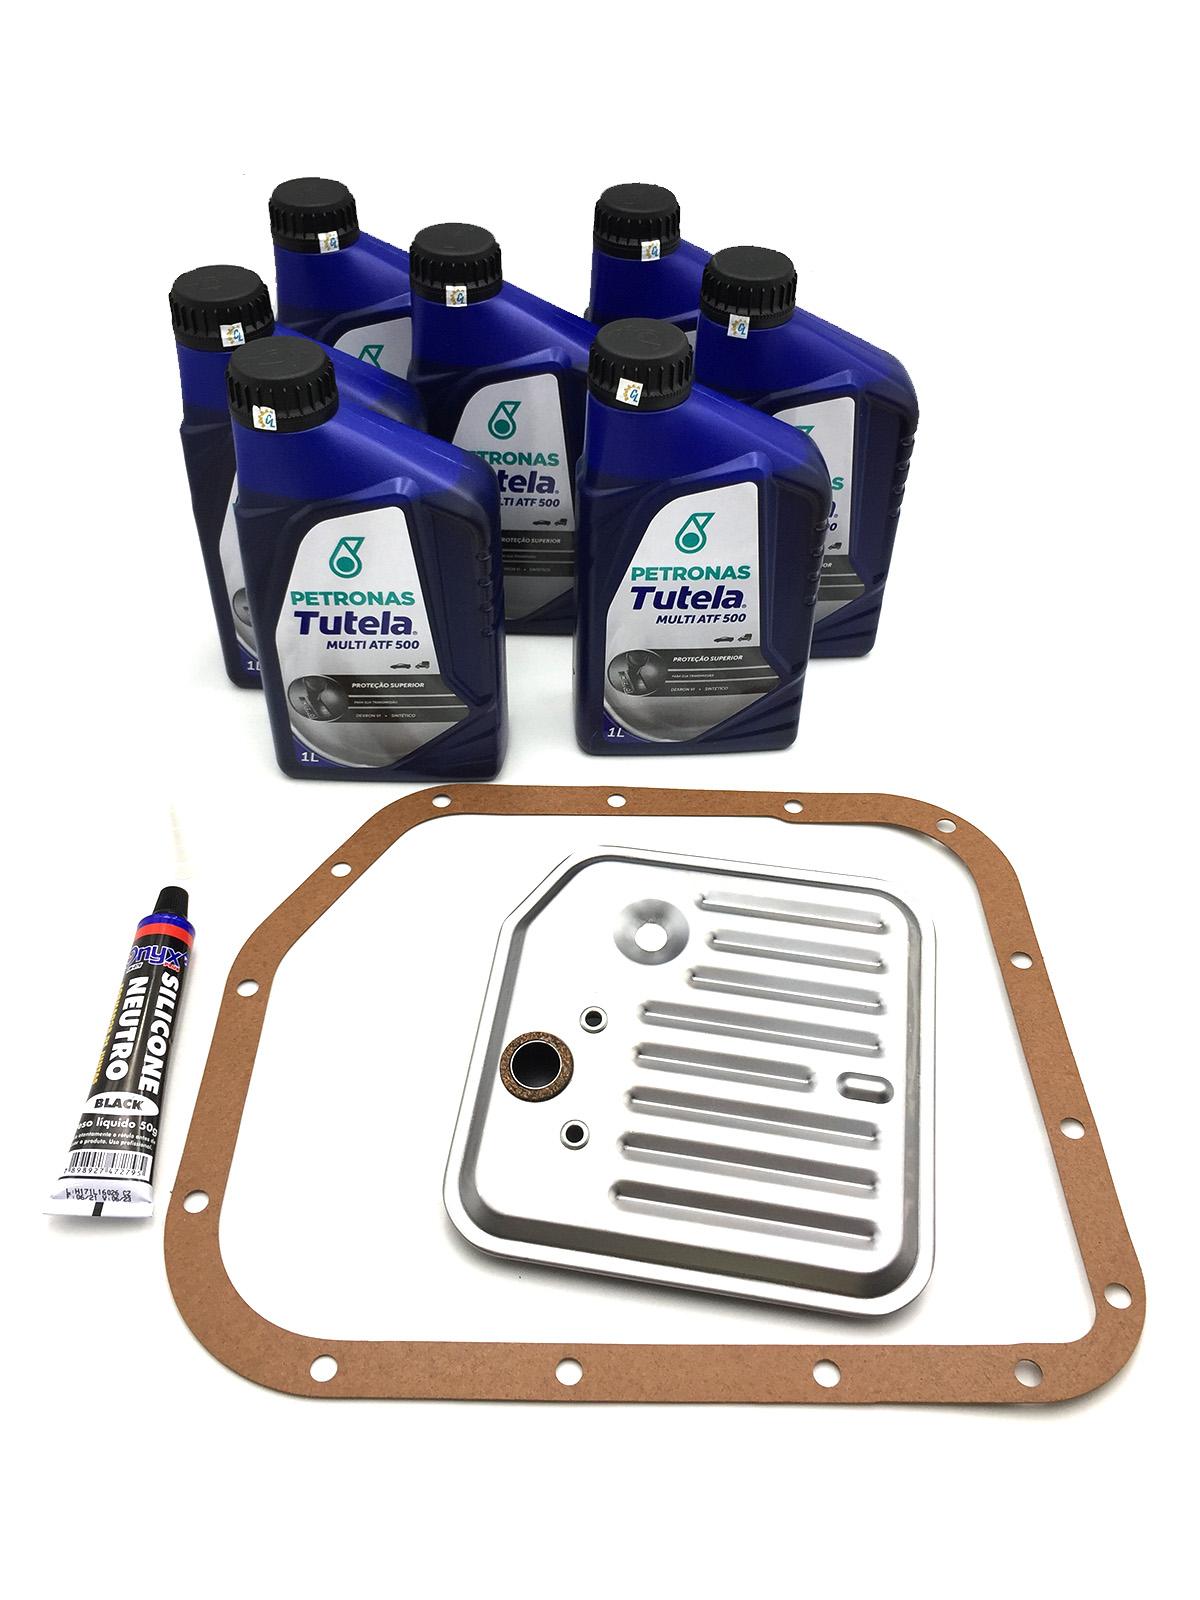 Kit Troca de Óleo Petronas Tutela Multi ATF 500|Dexron VI (07 Lts.) com Filtro de Óleo - Câmbio A500 - Jeep